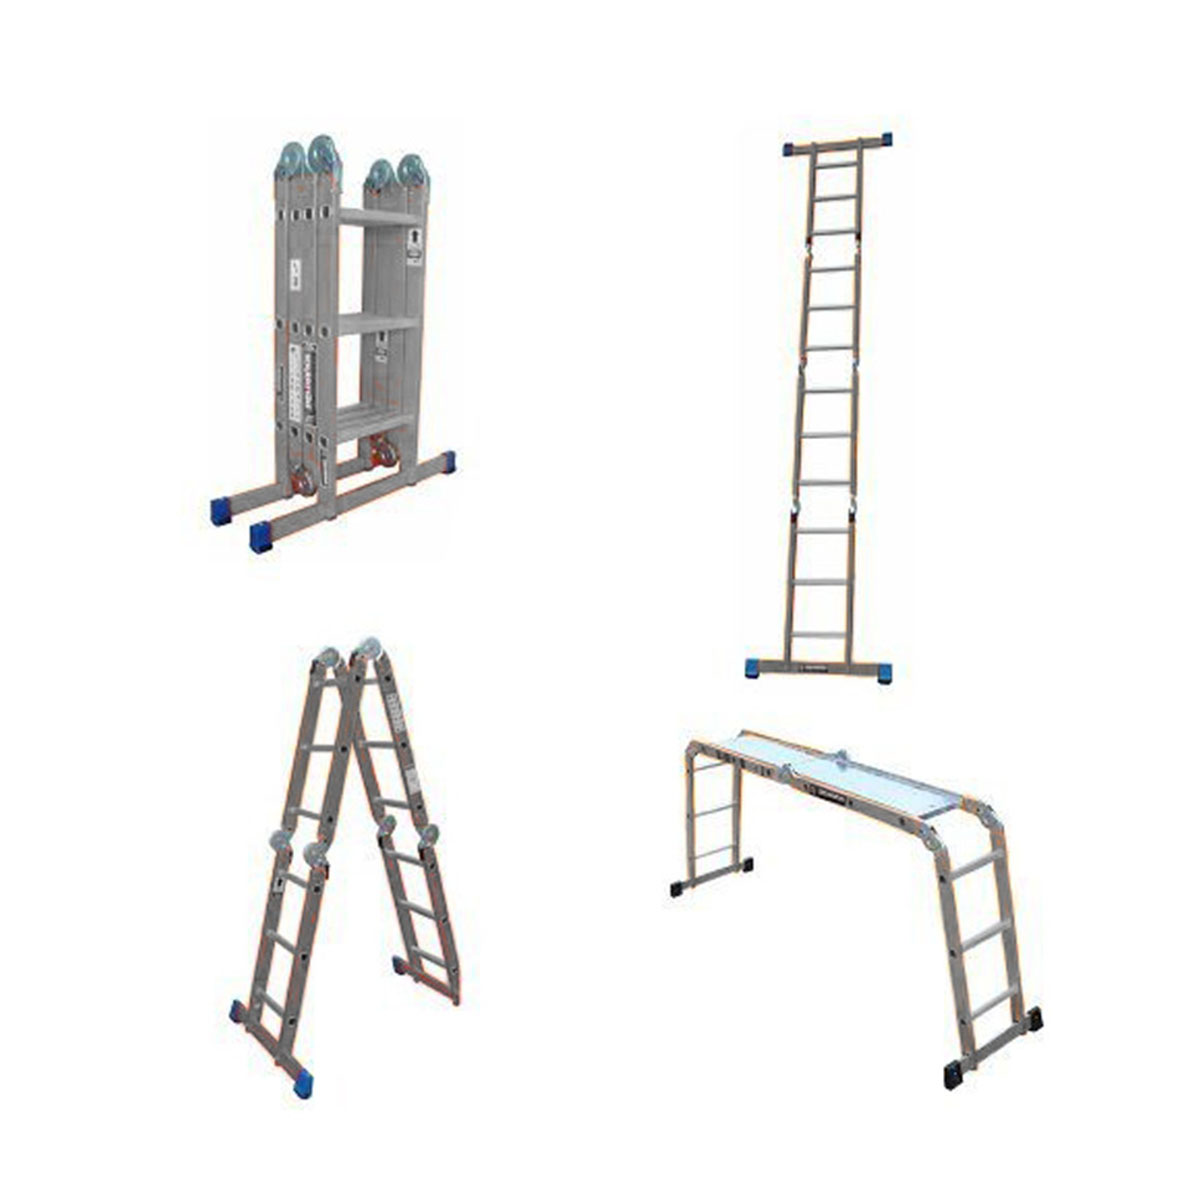 Escalera Multiposiciones 12 Escalones Con Charolas Peldaños